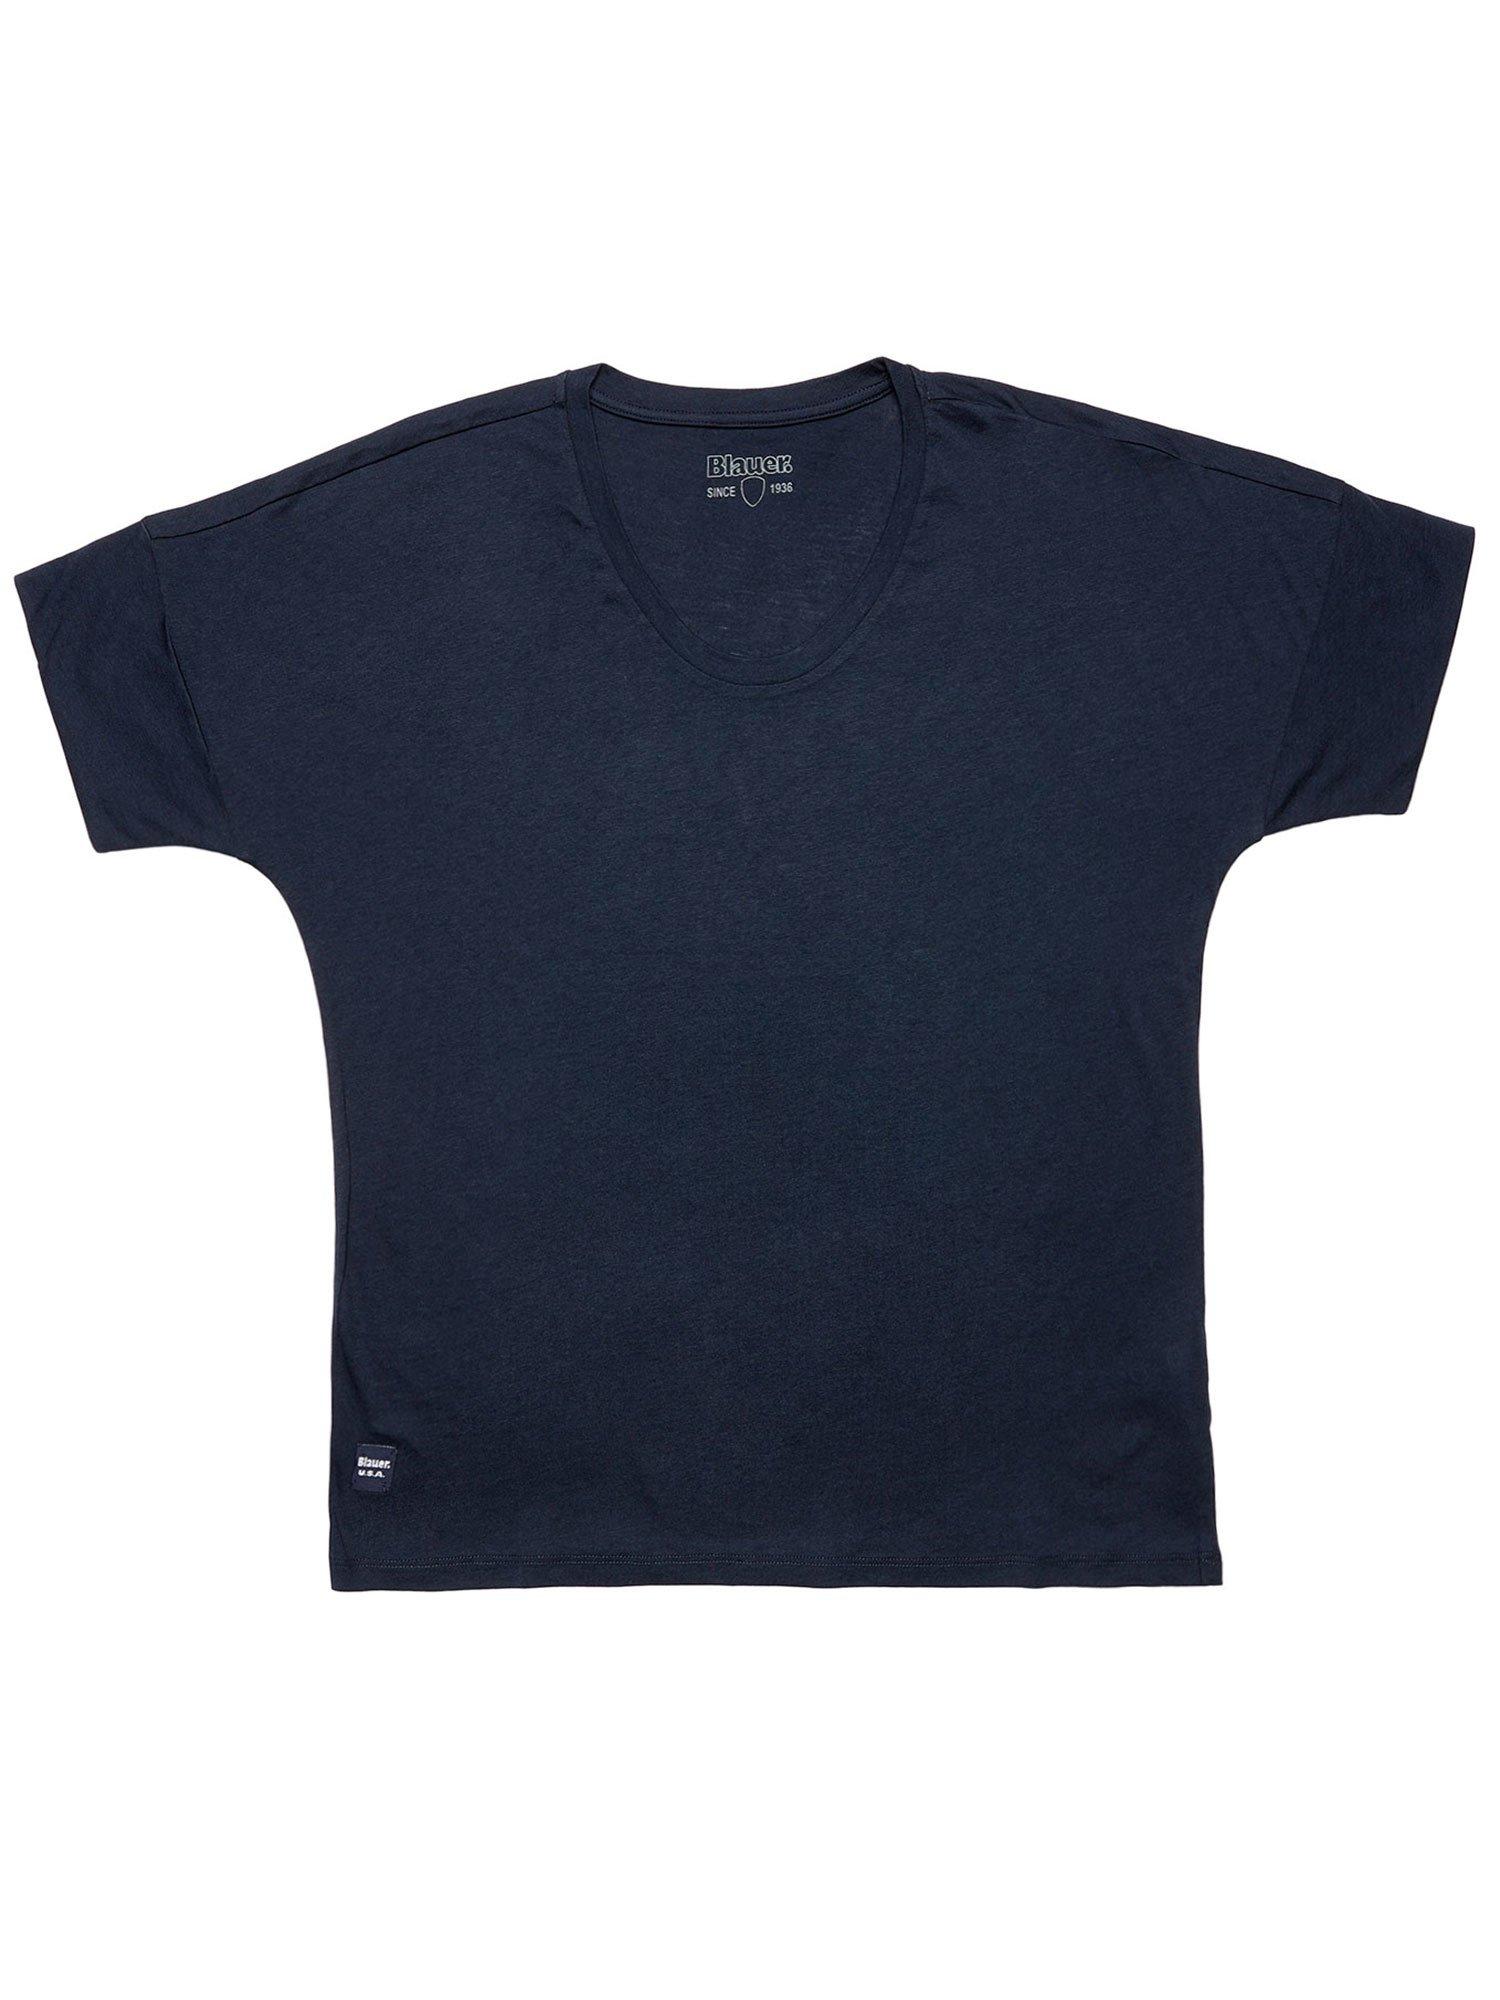 Blauer - BLAUER SINCE 1936 T-SHIRT - Dark Night Blue - Blauer